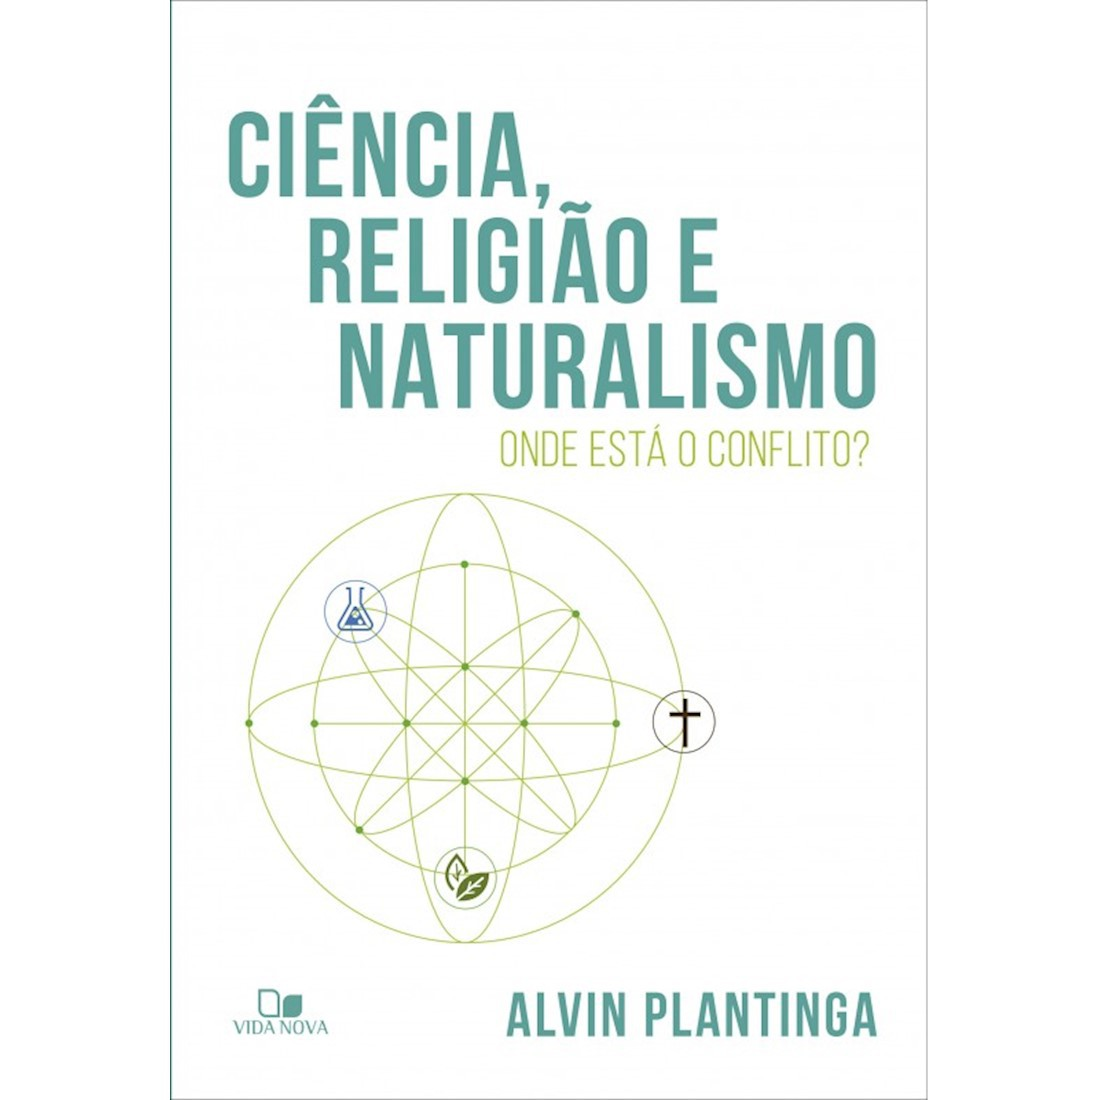 Livro Ciência,Religião e Naturalismo: Onde Está o Conflito?